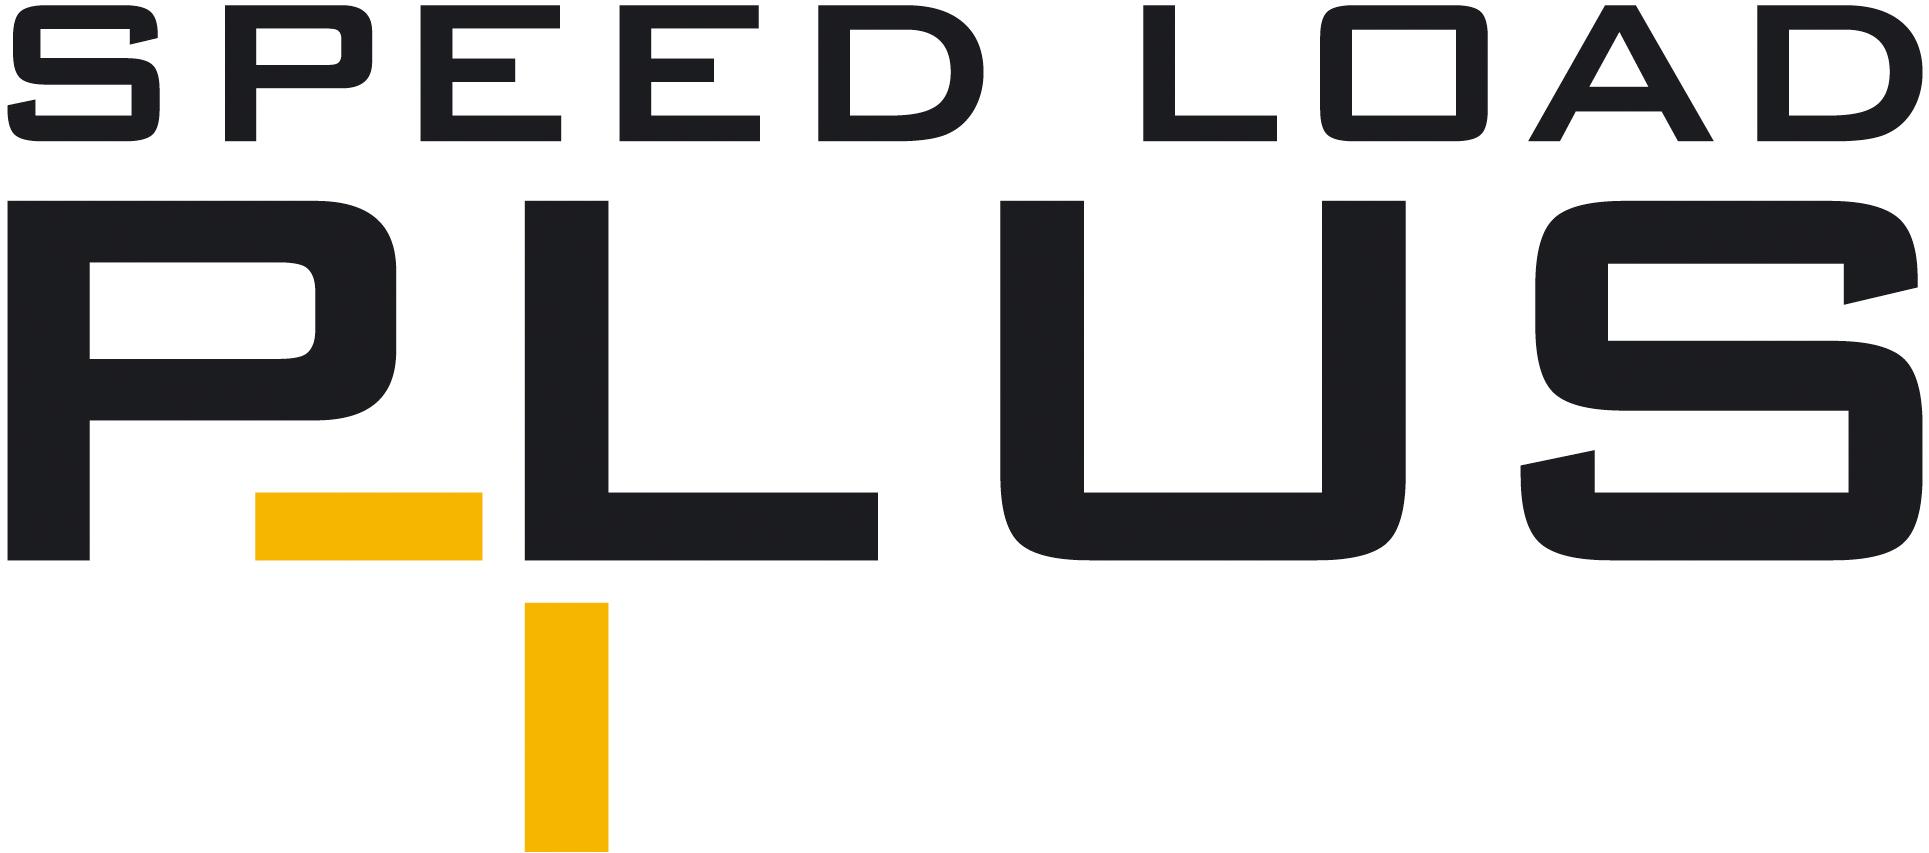 logo opatentowanego systemu szybkiego ładowania